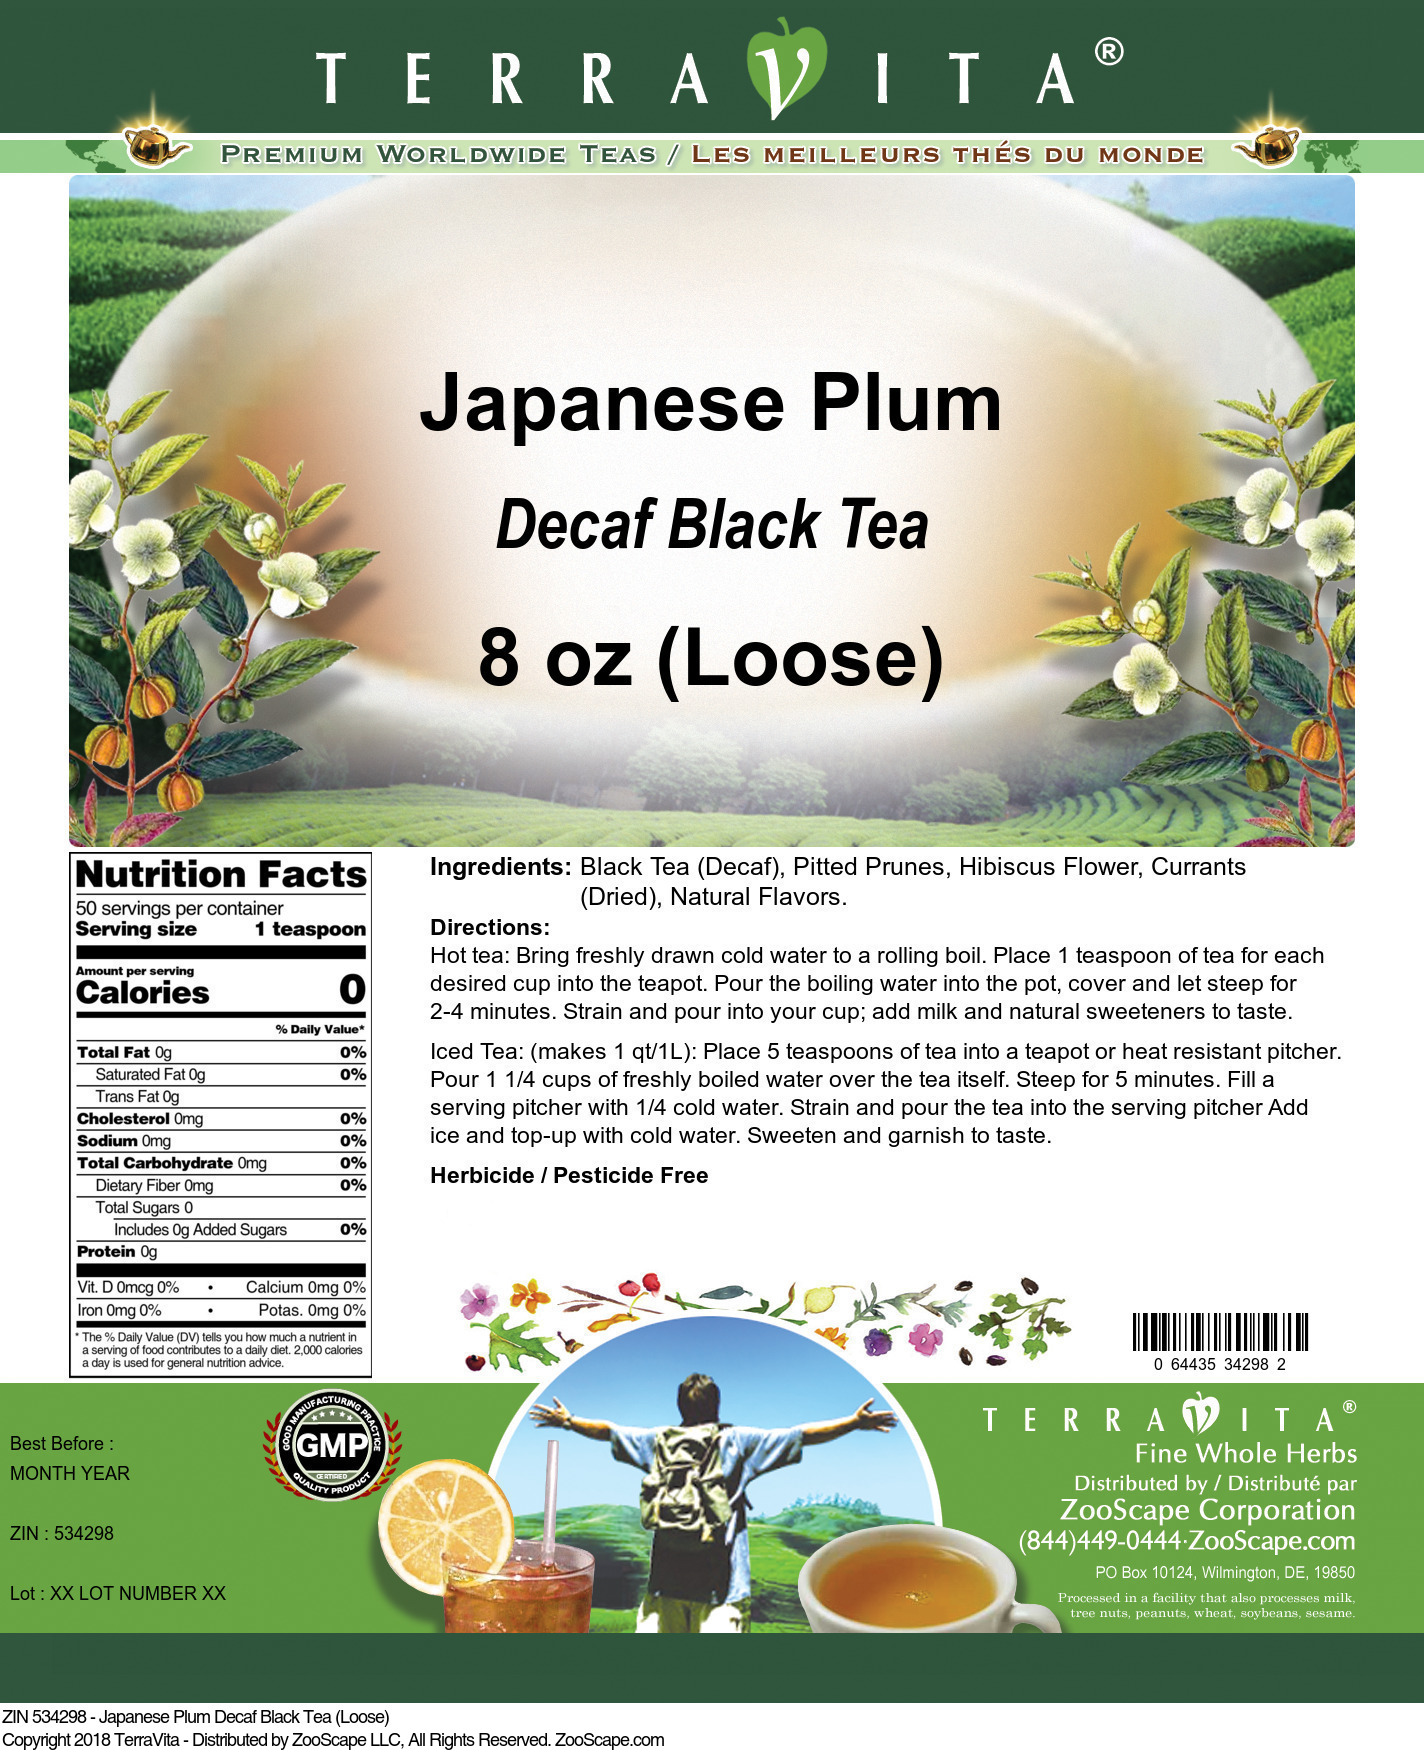 Japanese Plum Decaf Black Tea (Loose)